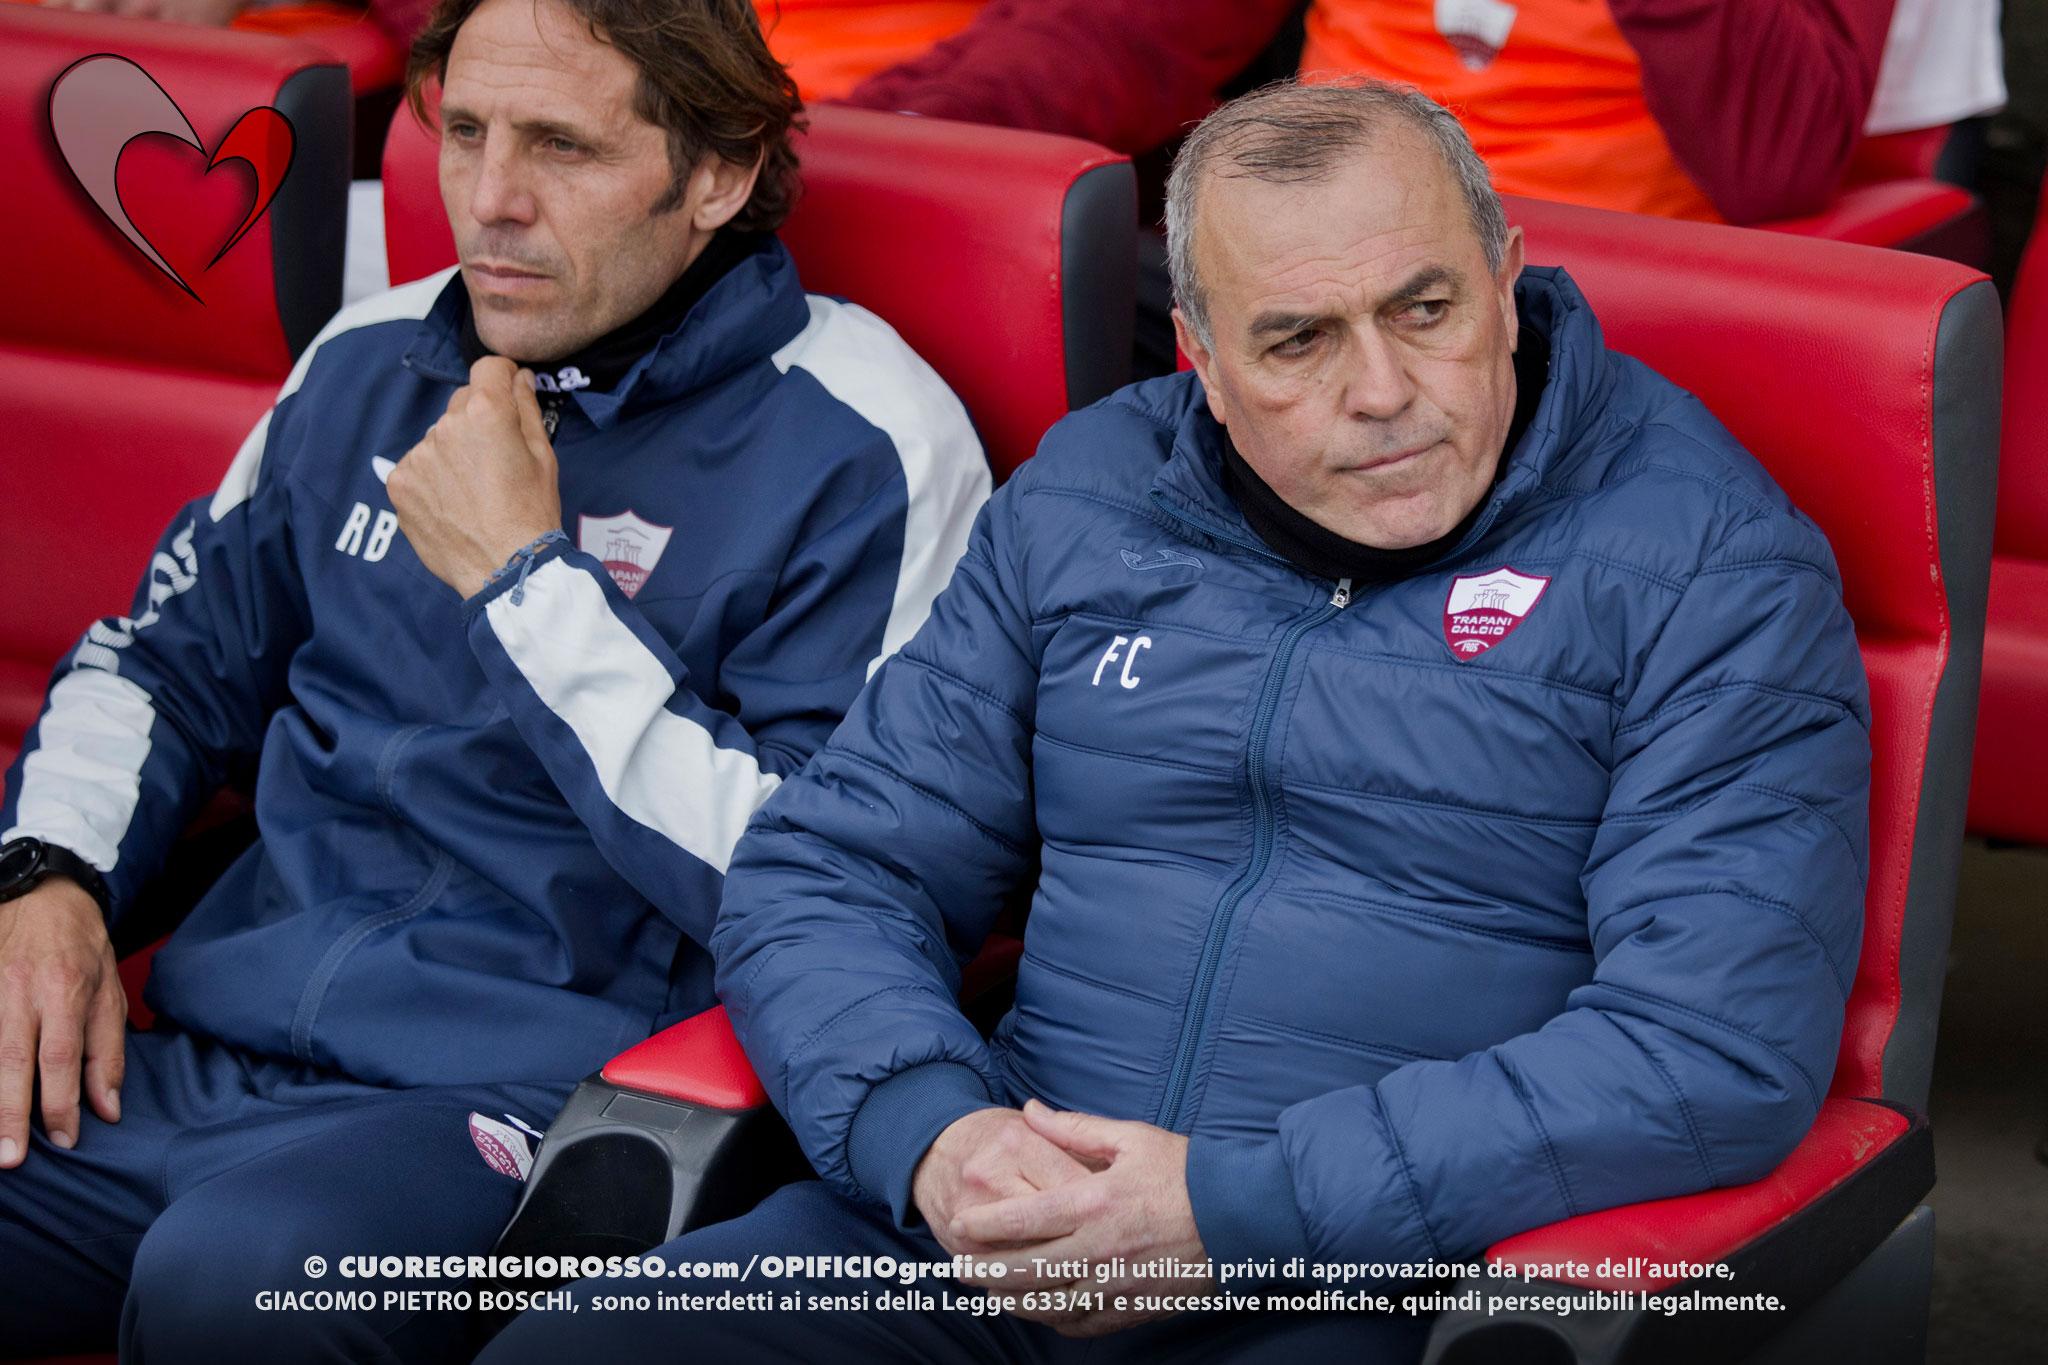 Serie B, Castori nuovo mister della Salernitana